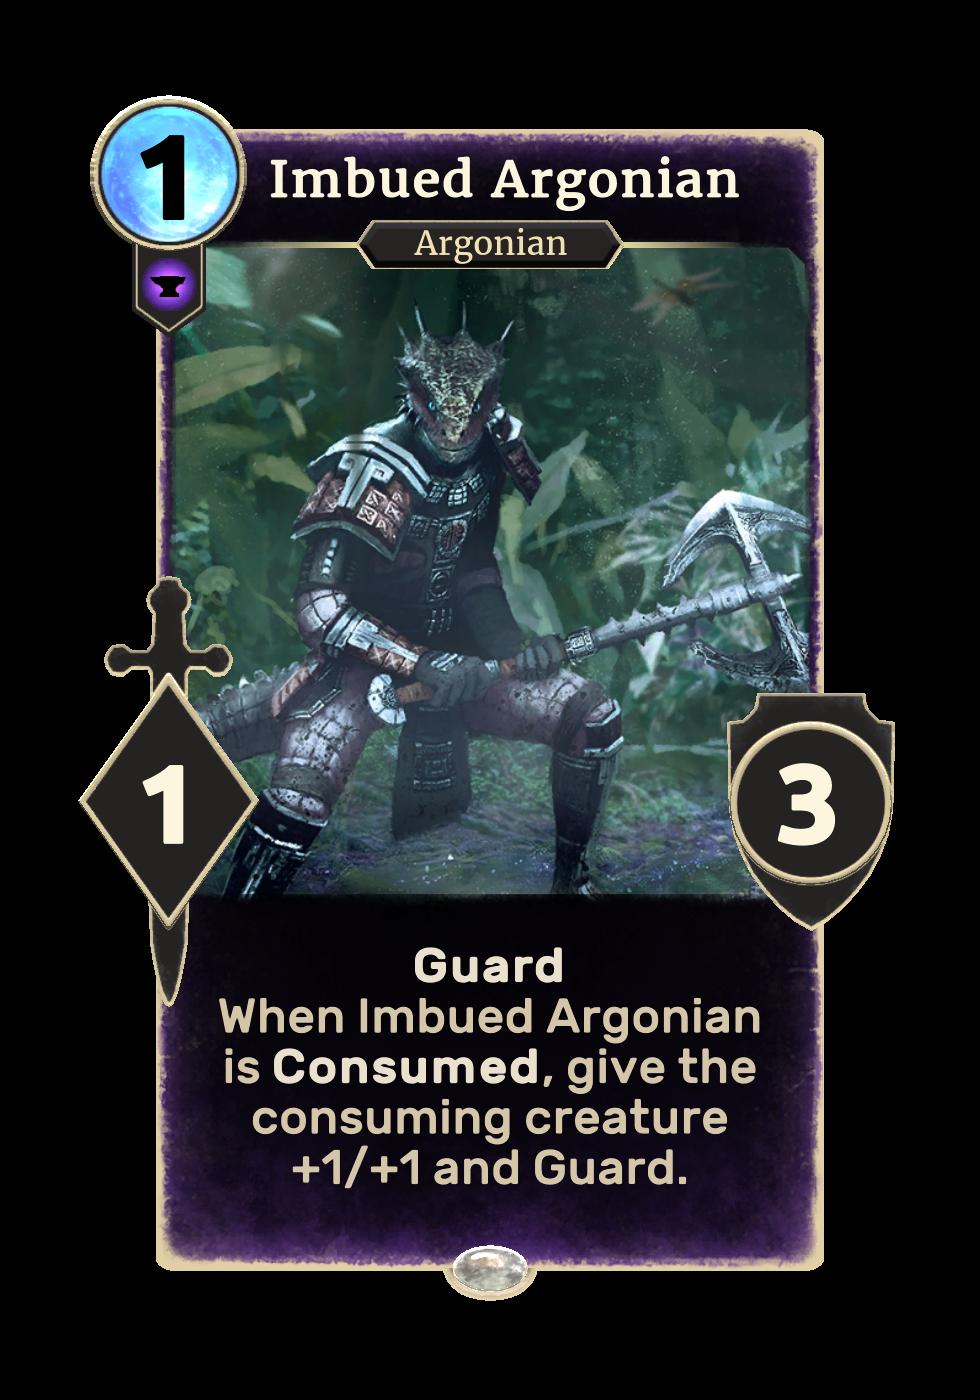 Imbued Argonian